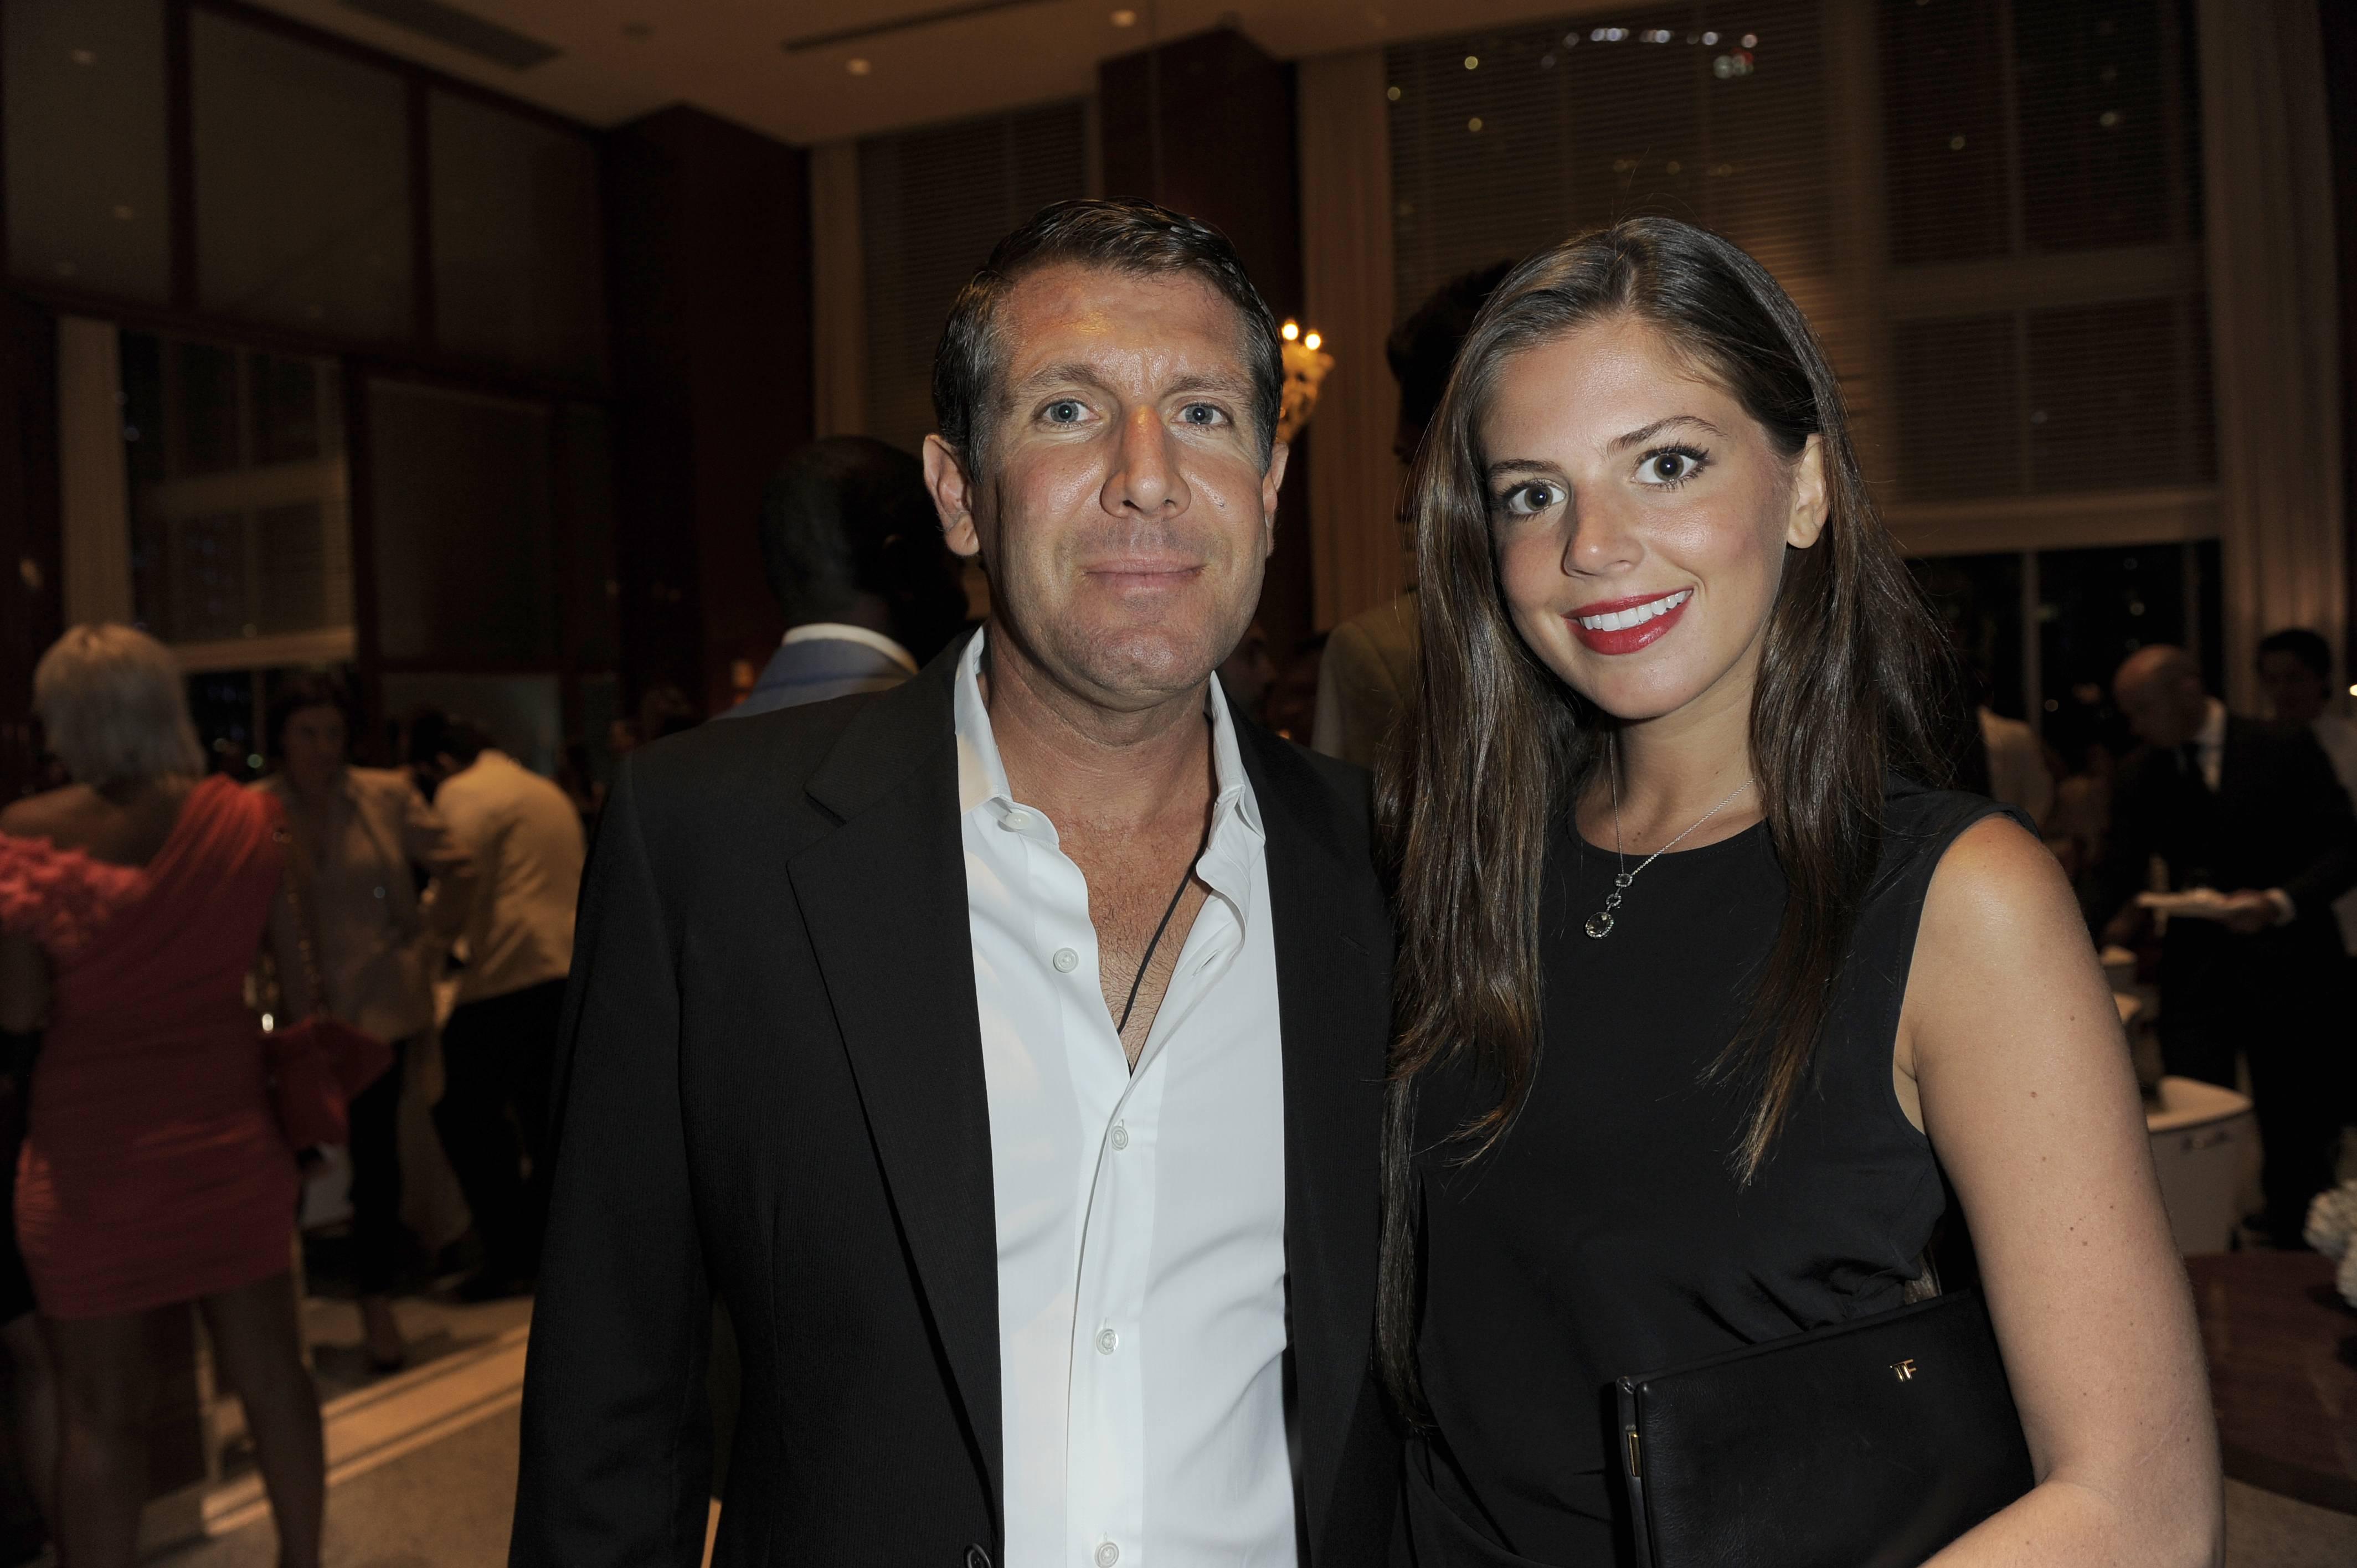 Michael Capponi and Lauren Fitzpatrick